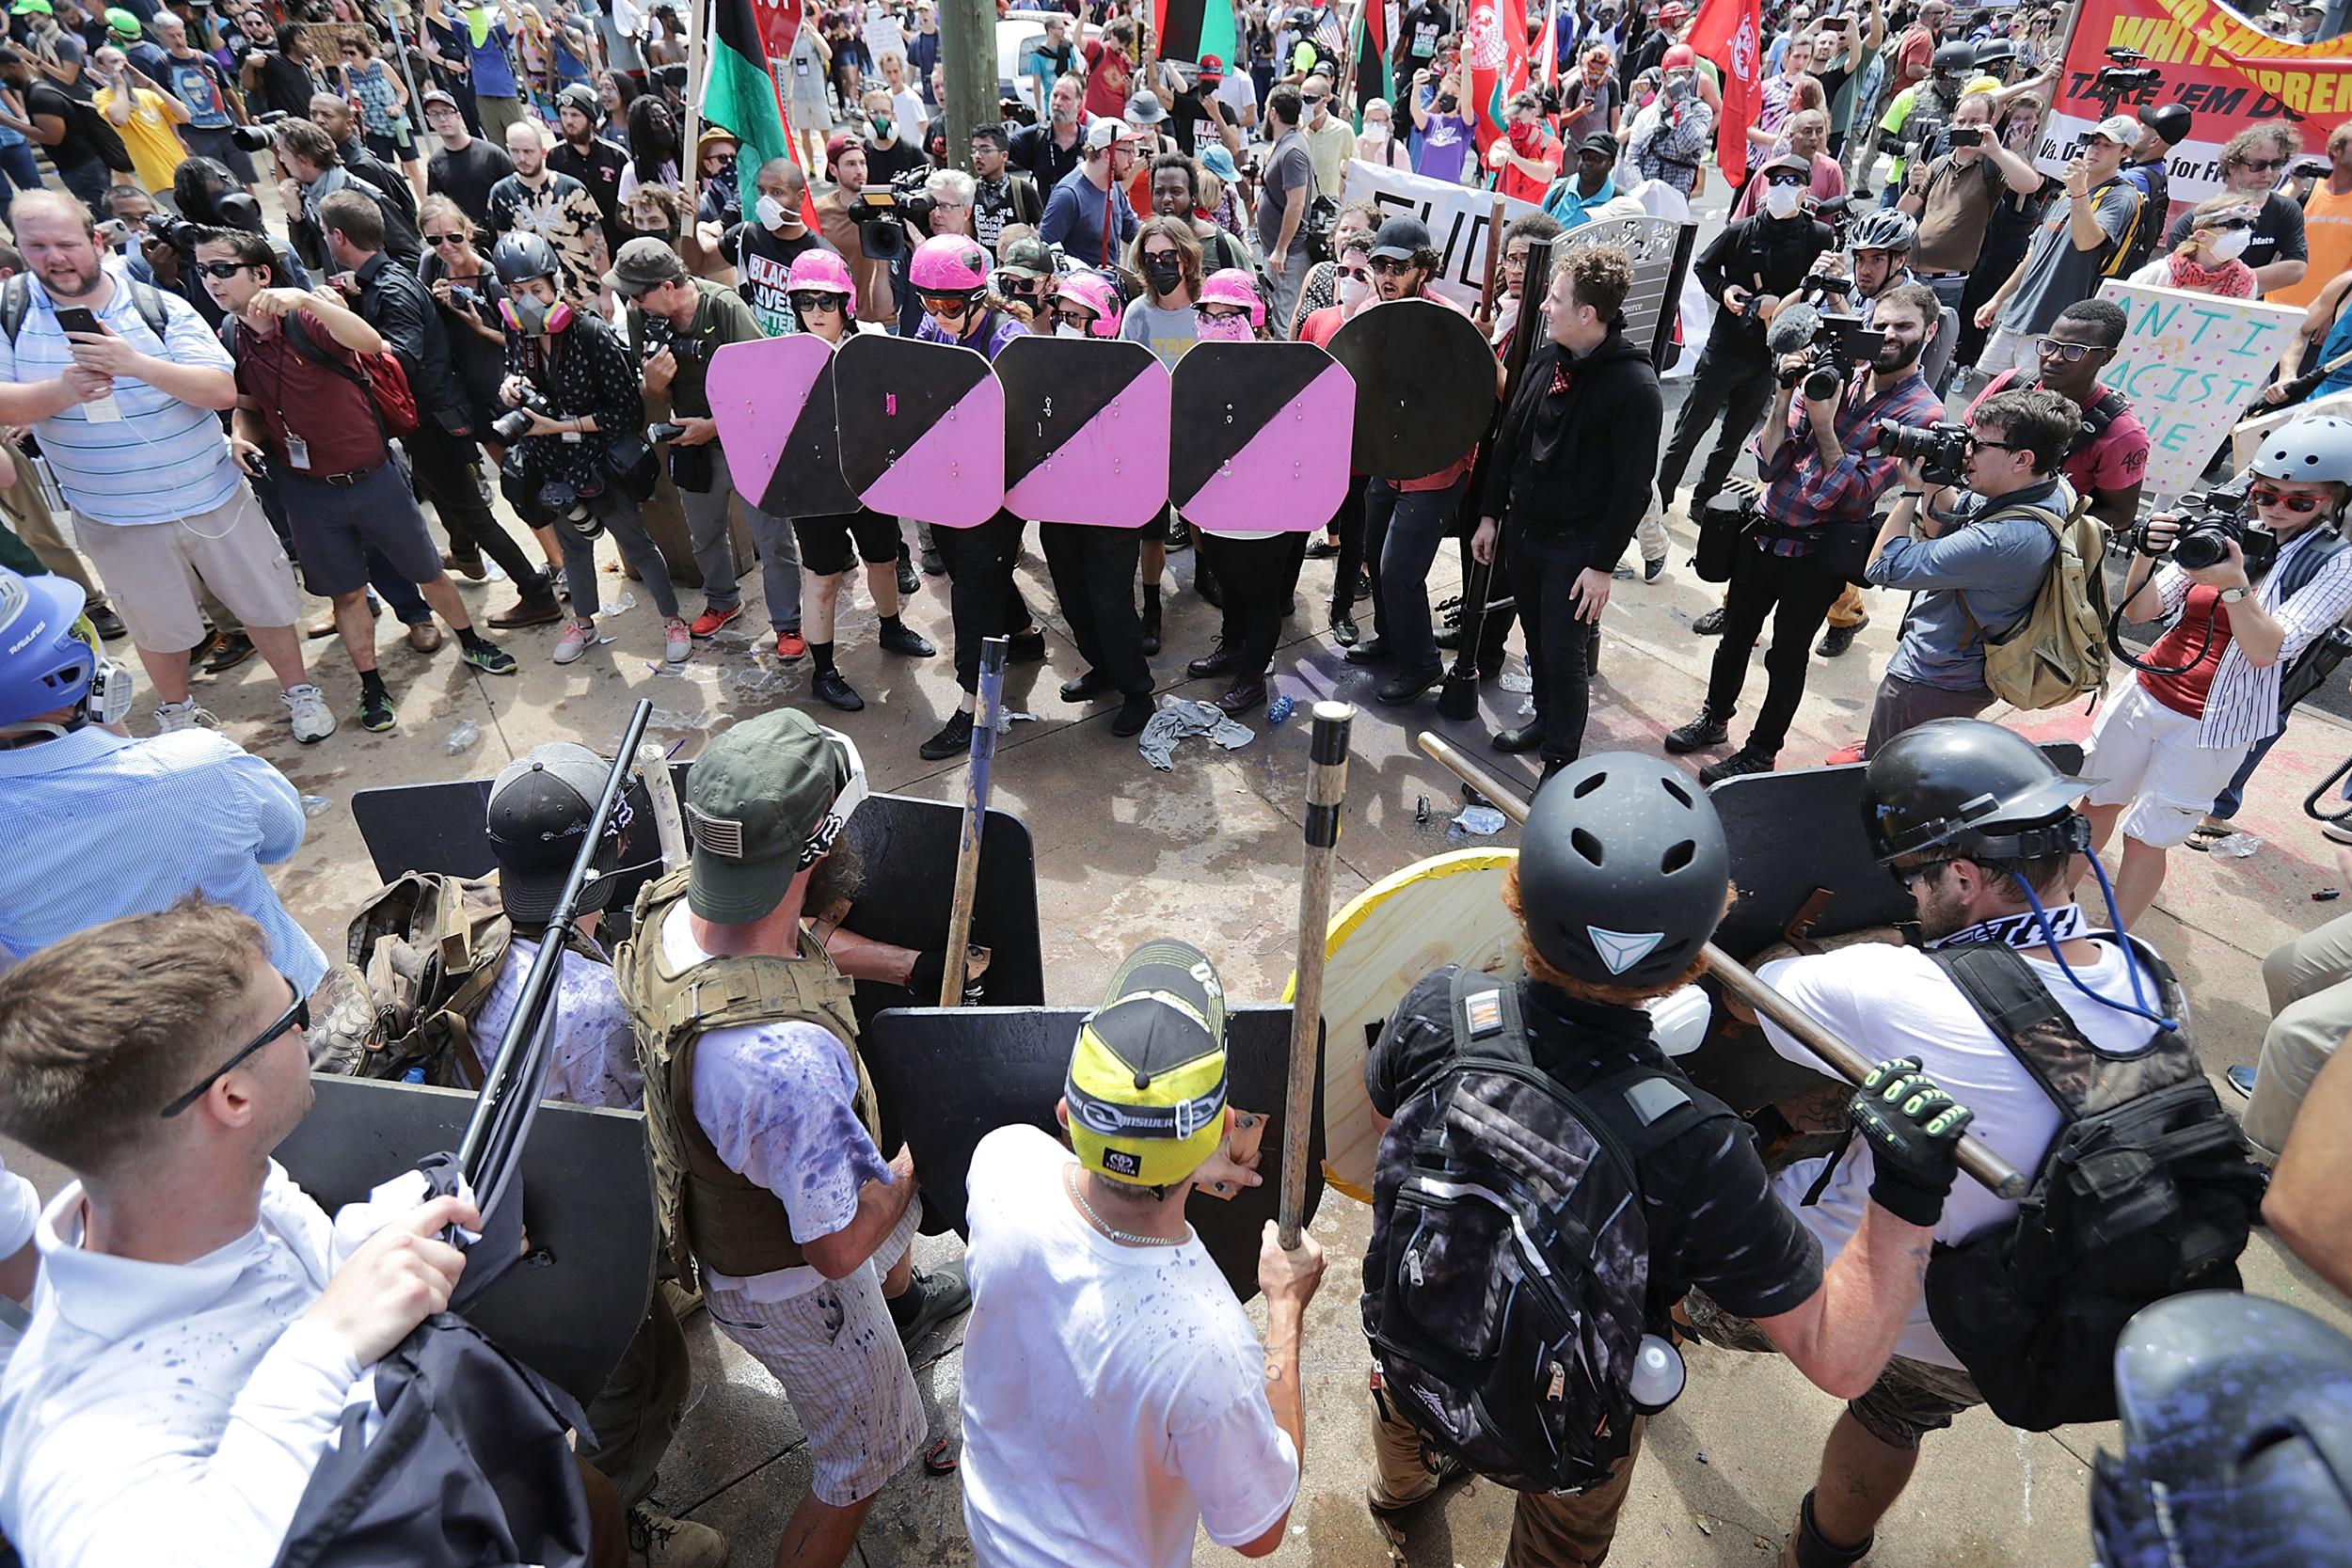 Image: Violent Clashes Erupt at